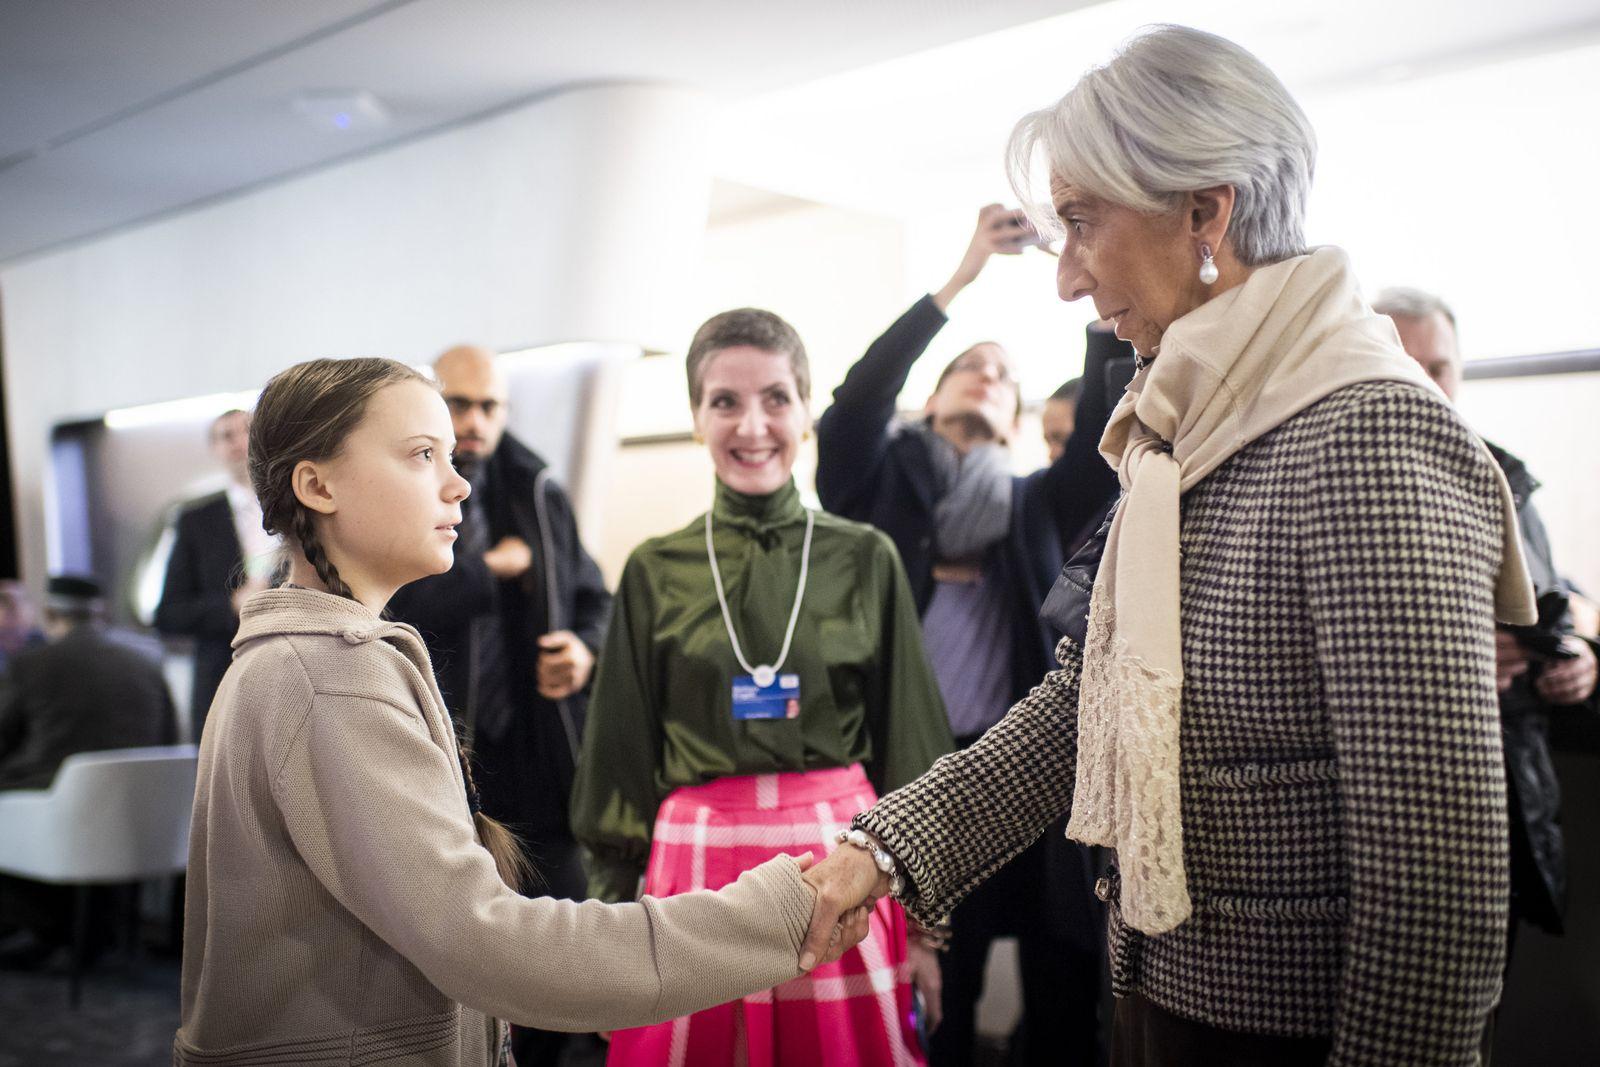 Greta Thunberg / Christine Lagarde / Weltwirtschaftsforum in Davos